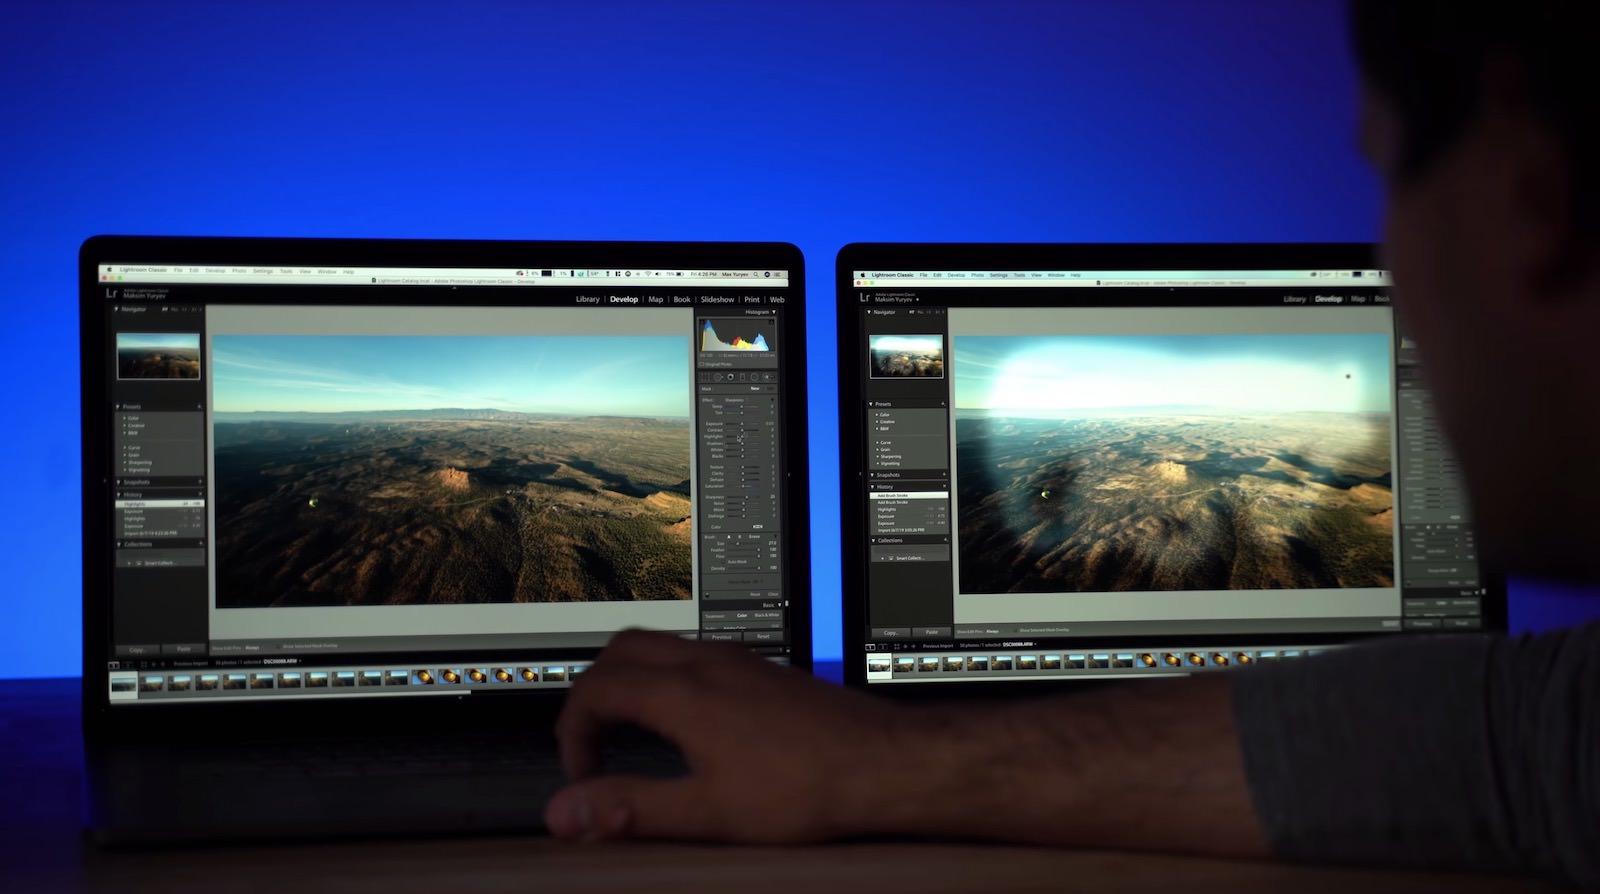 macbook-pro-2019-2018-lightroom-classic-tests.jpg